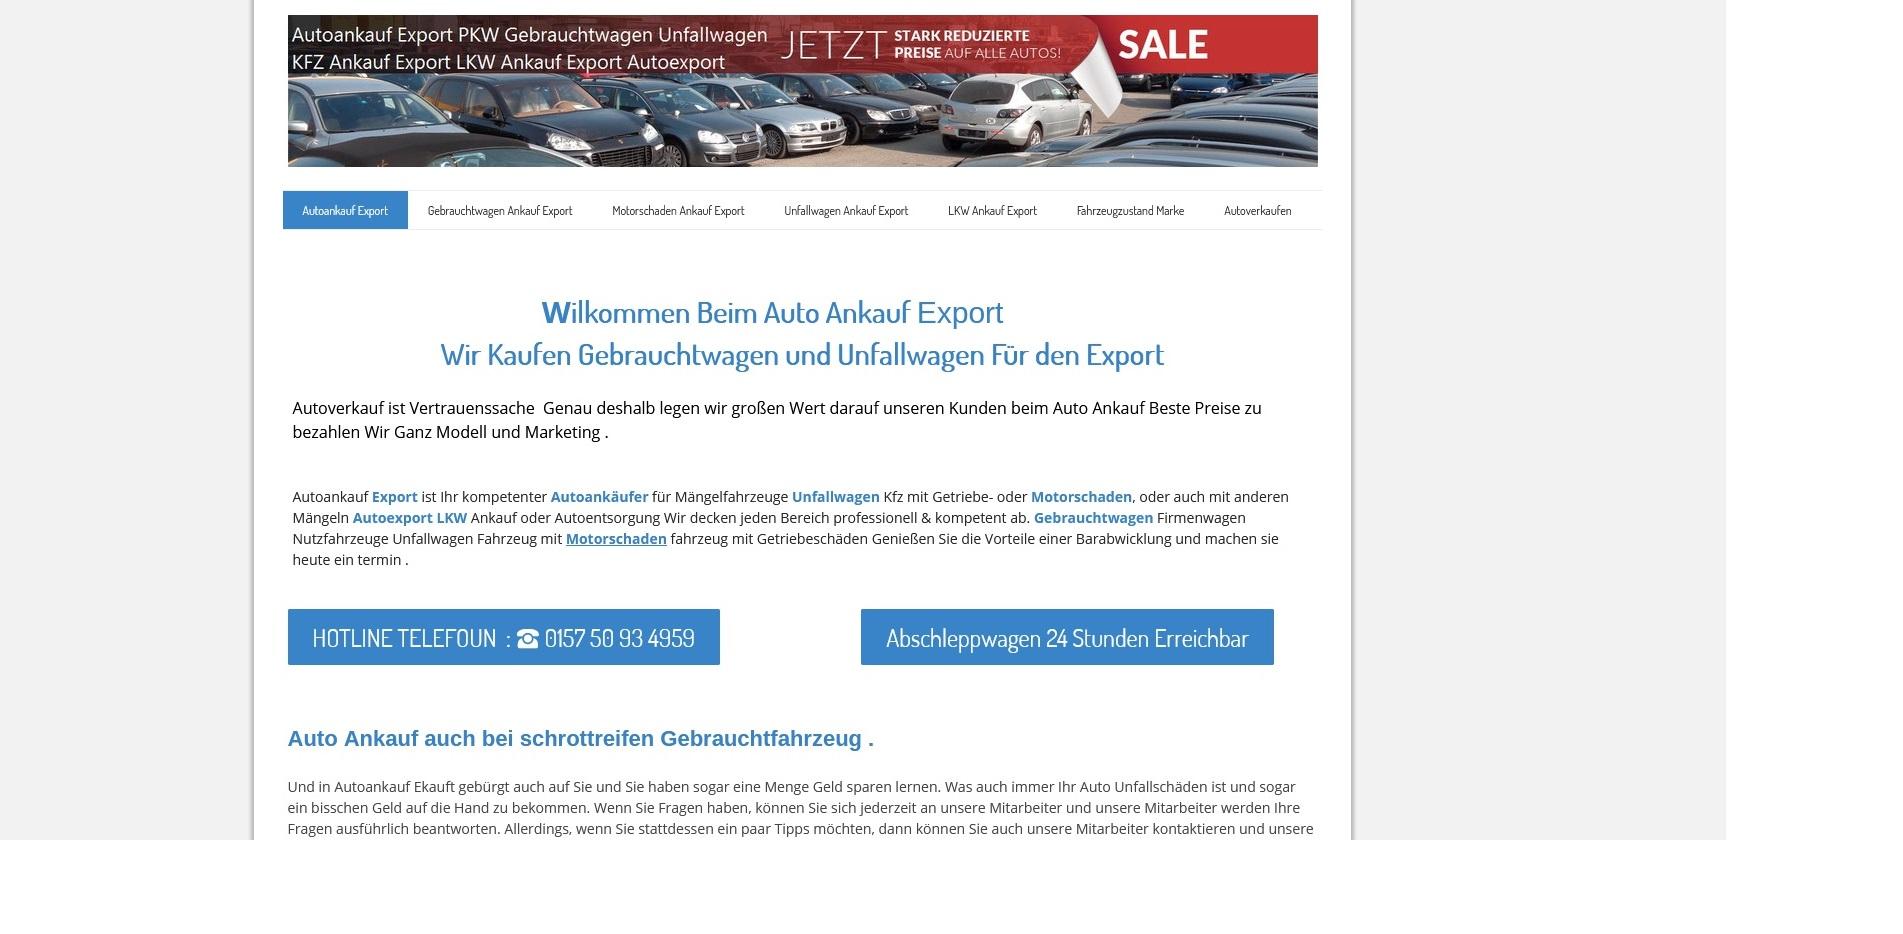 autoankauf offenbach am rhein zahlt bestpreise fuer jedes fahrzeug - Autoankauf Offenbach am Rhein zahlt Bestpreise für jedes Fahrzeug